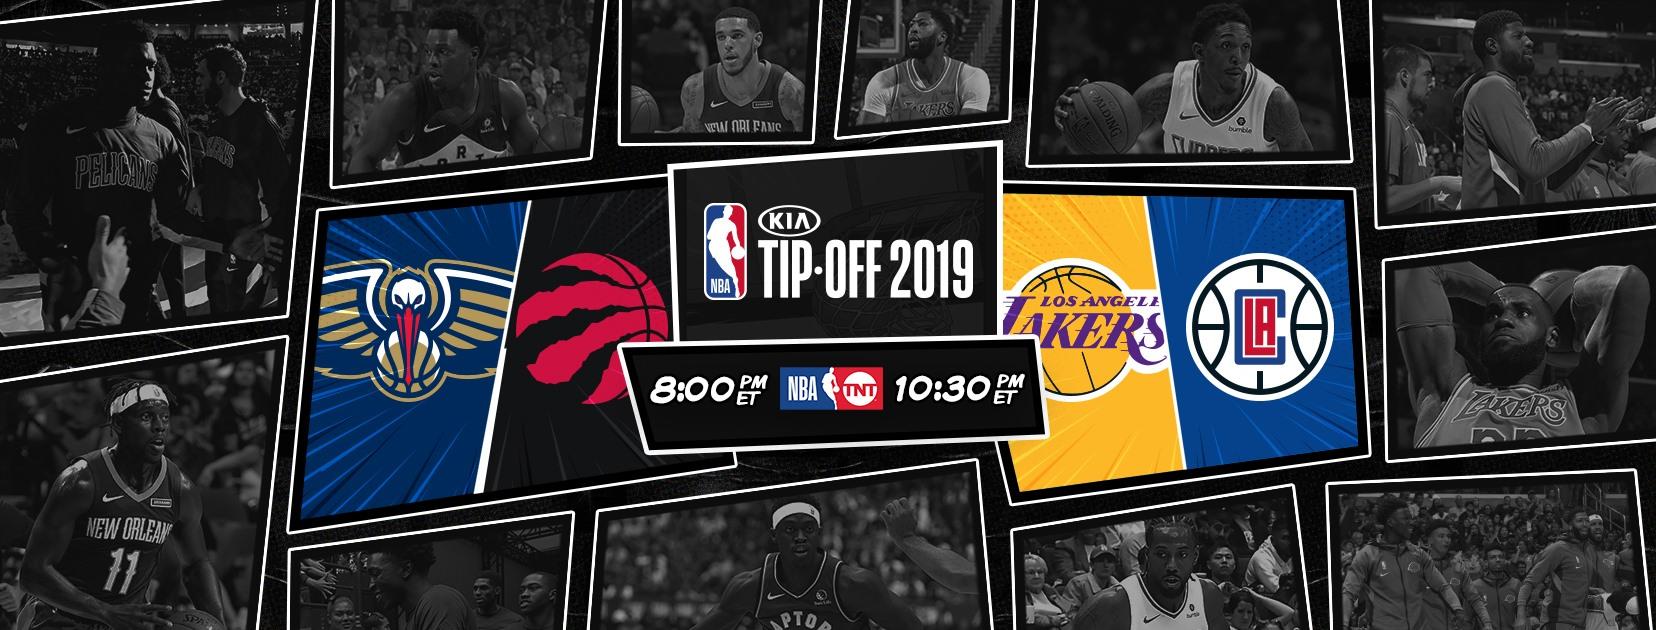 פותחים עונה ב-NBA – ליל המשחקים הראשון לעונה והמקום לבלוג החי עד 8 בבוקר! / Smiley